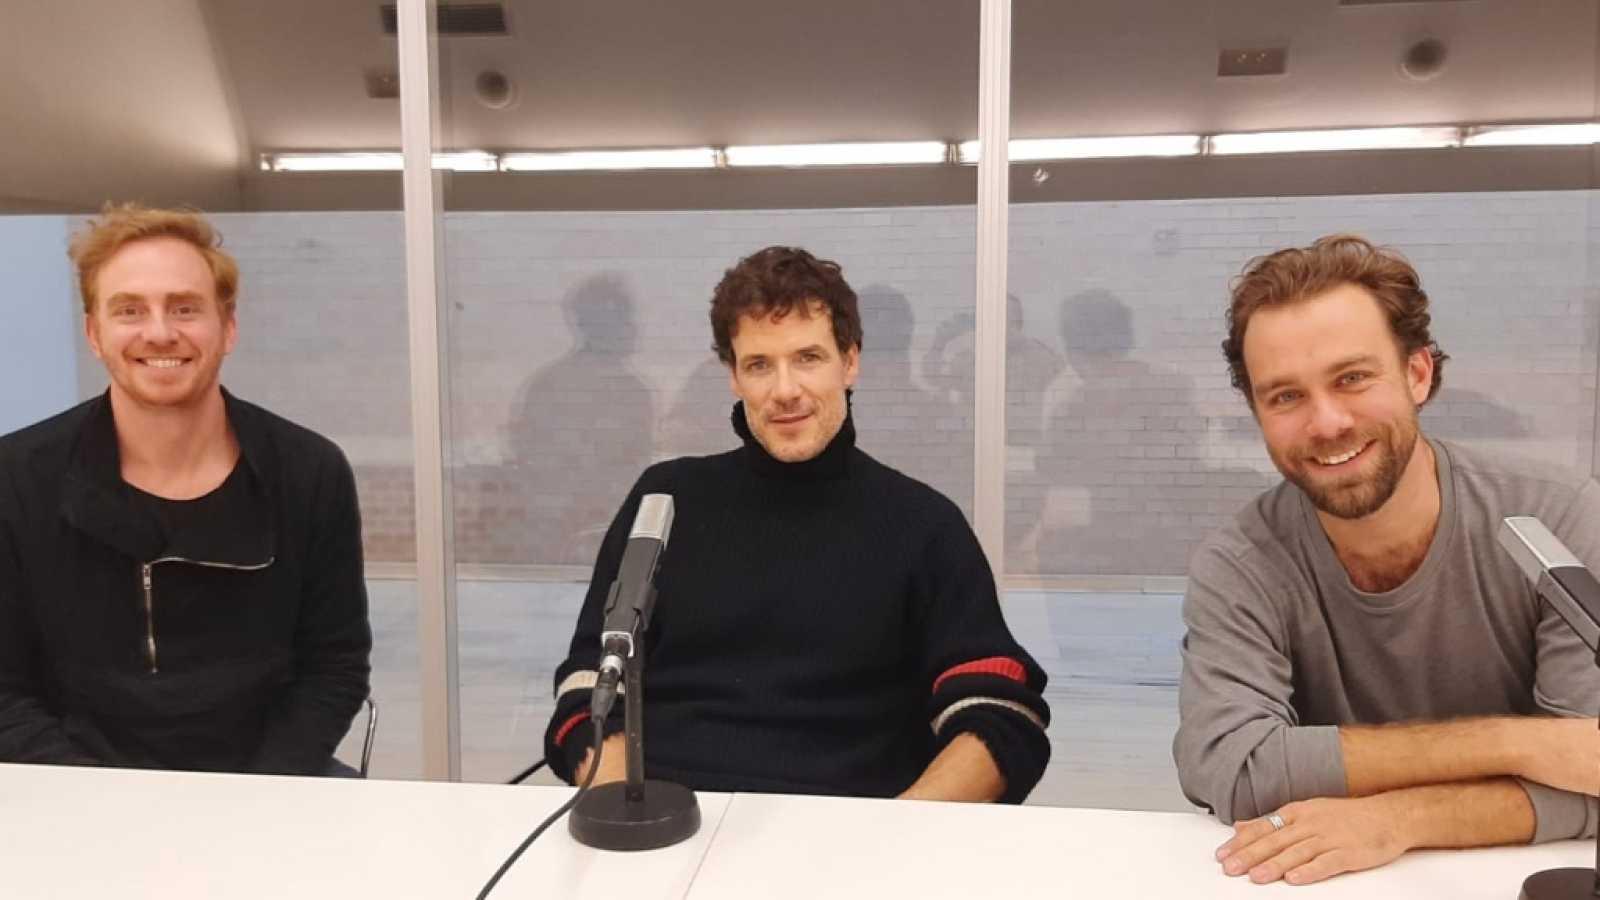 La sala - Nos encontramos con Daniel Bianco y `La máquina de Turing¿, con Claudio Tolcachir, Daniel Grao y Carlos Serrano - 15/11/20 - escuchar ahora